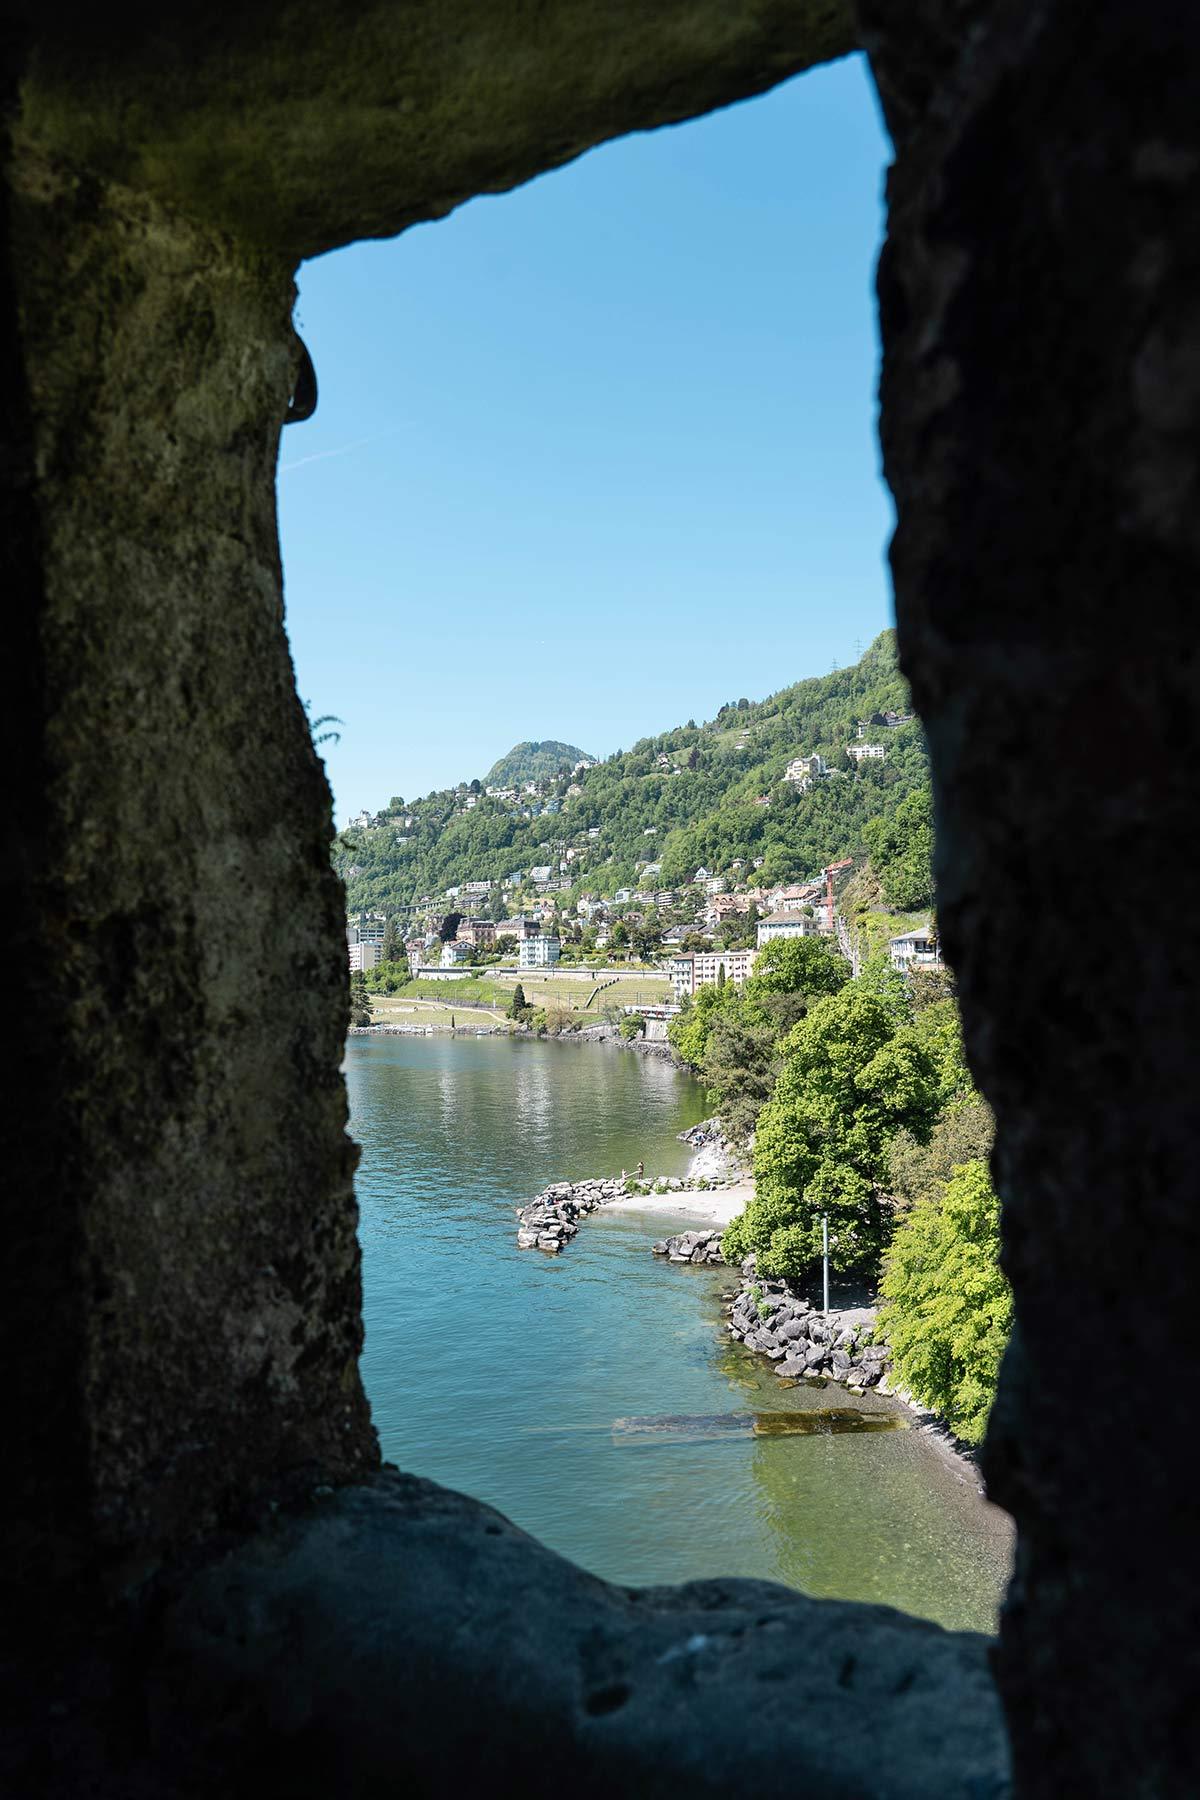 Ausblick vom Schloss Chillon in Montreux in der Schweiz